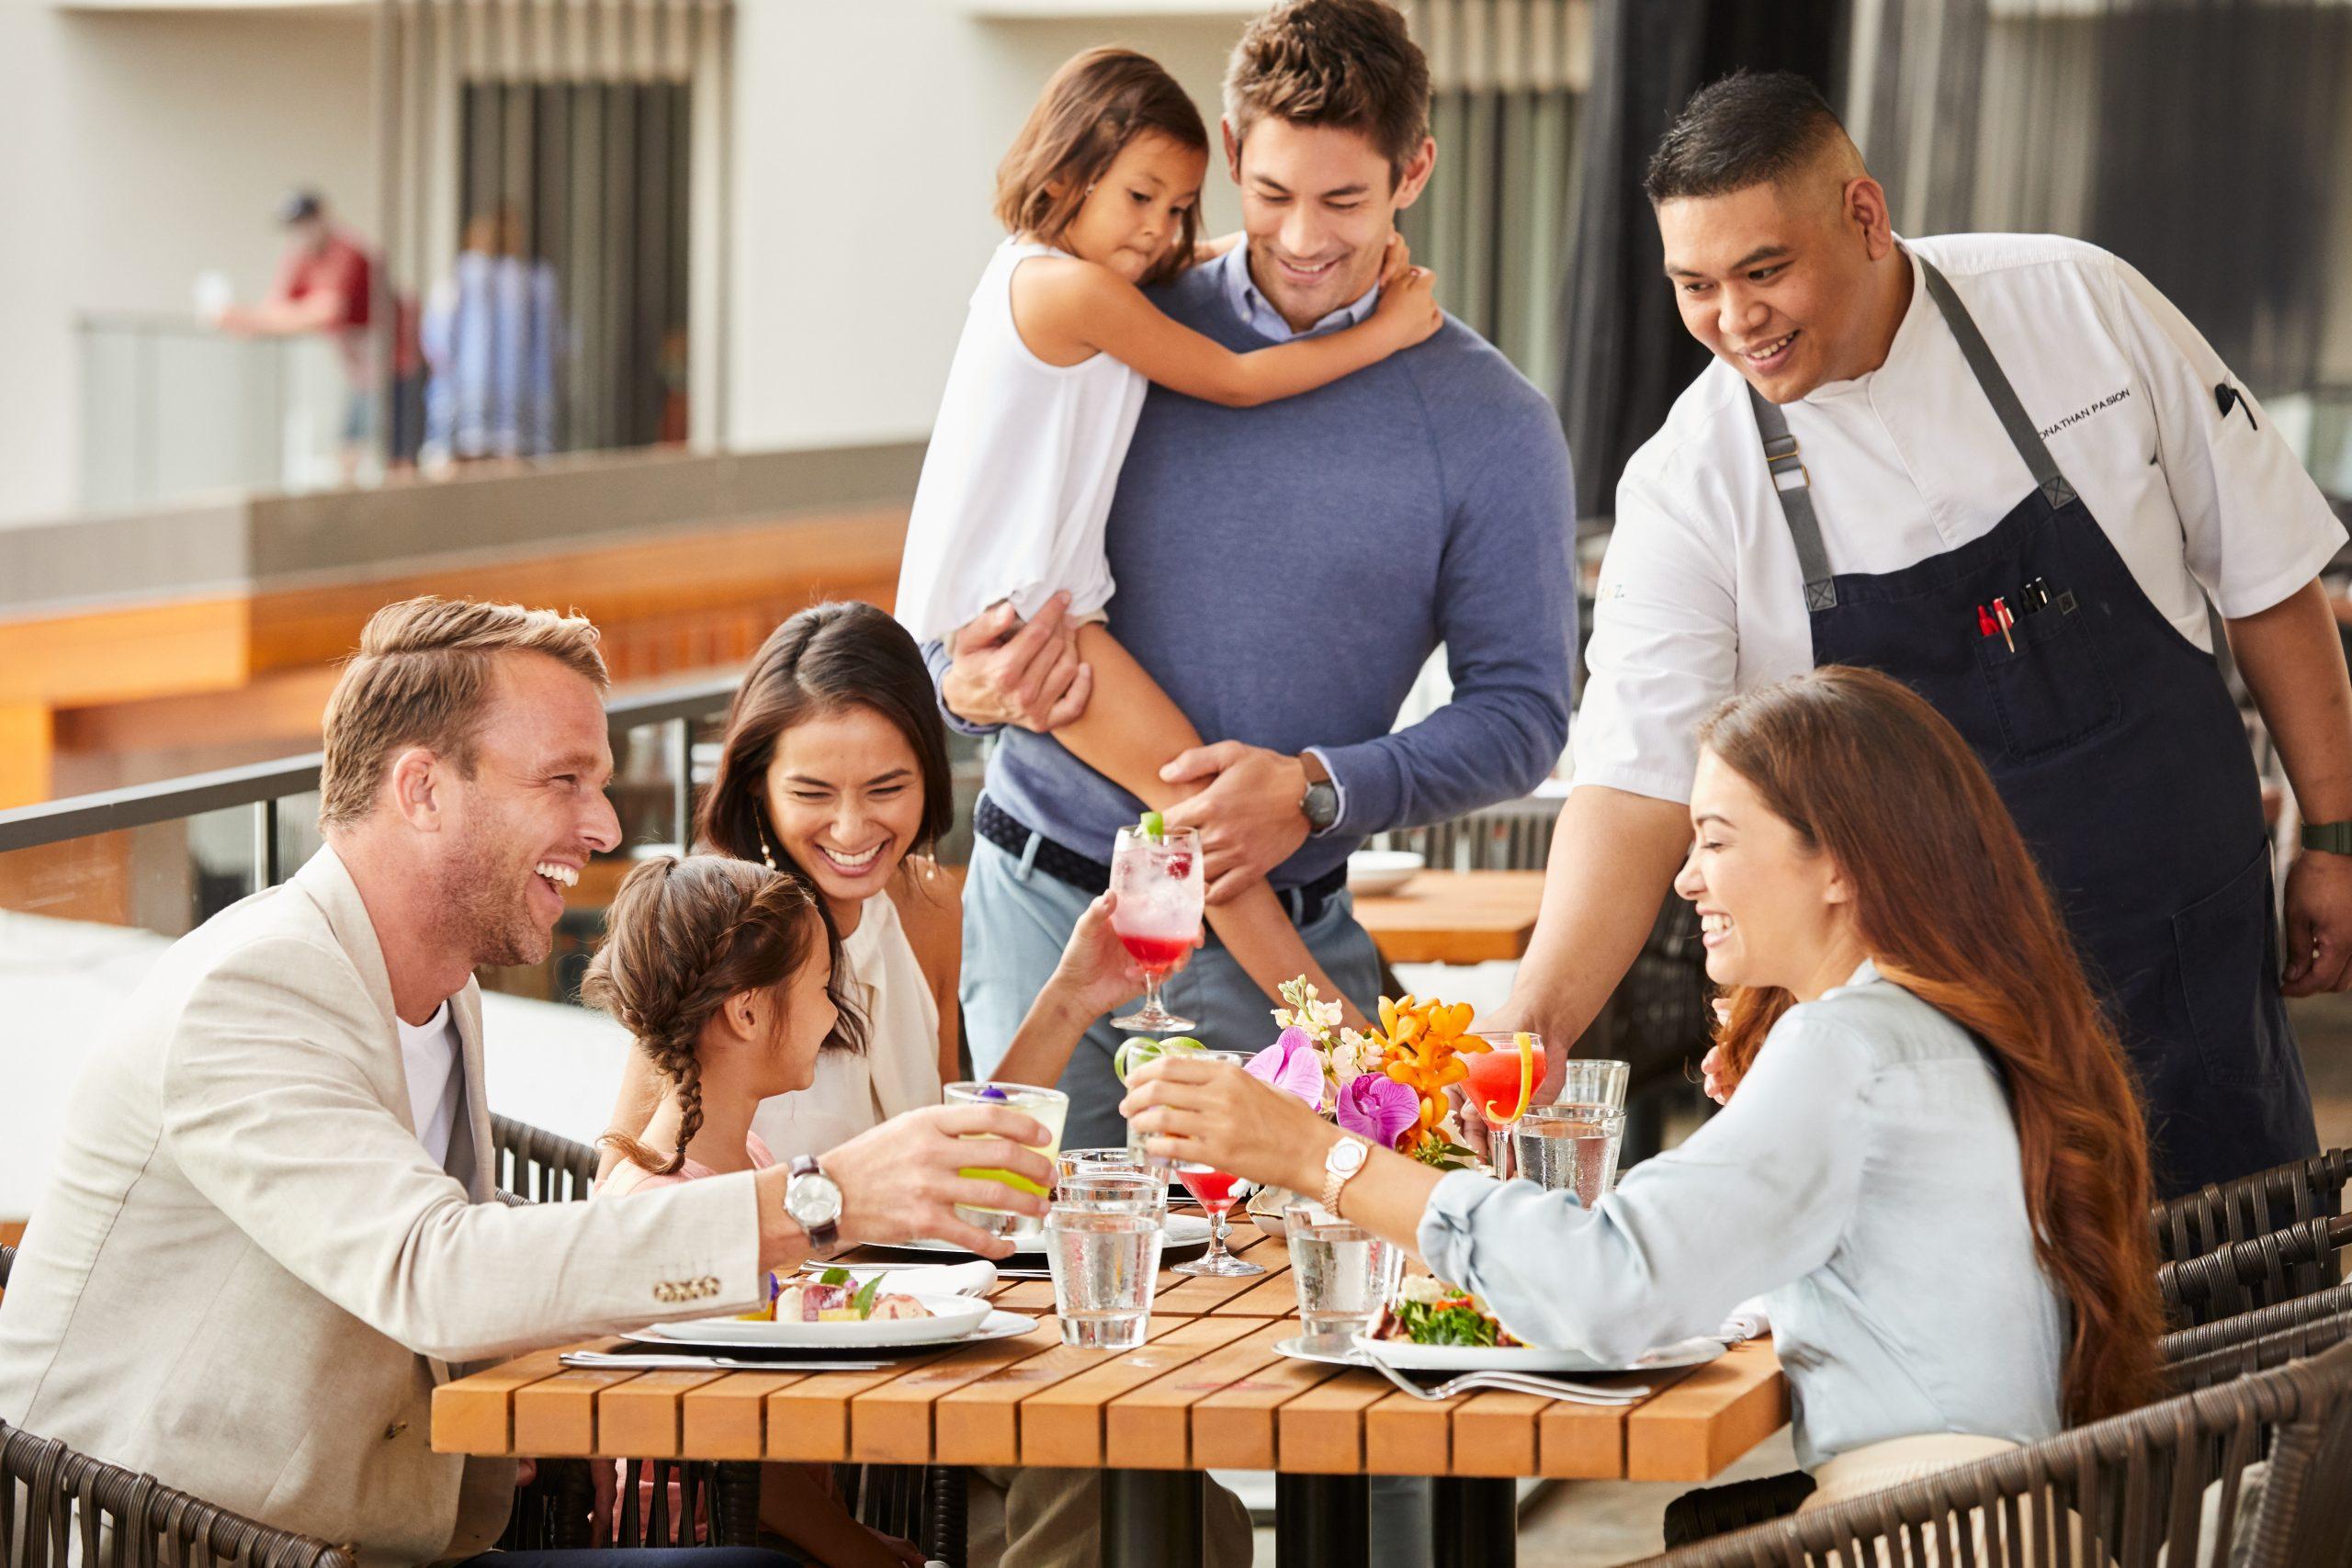 A imagem mostra uma família sentada à mesa, fazendo uma refeição no restaurante, enquanto o garçom está servindo os alimentos